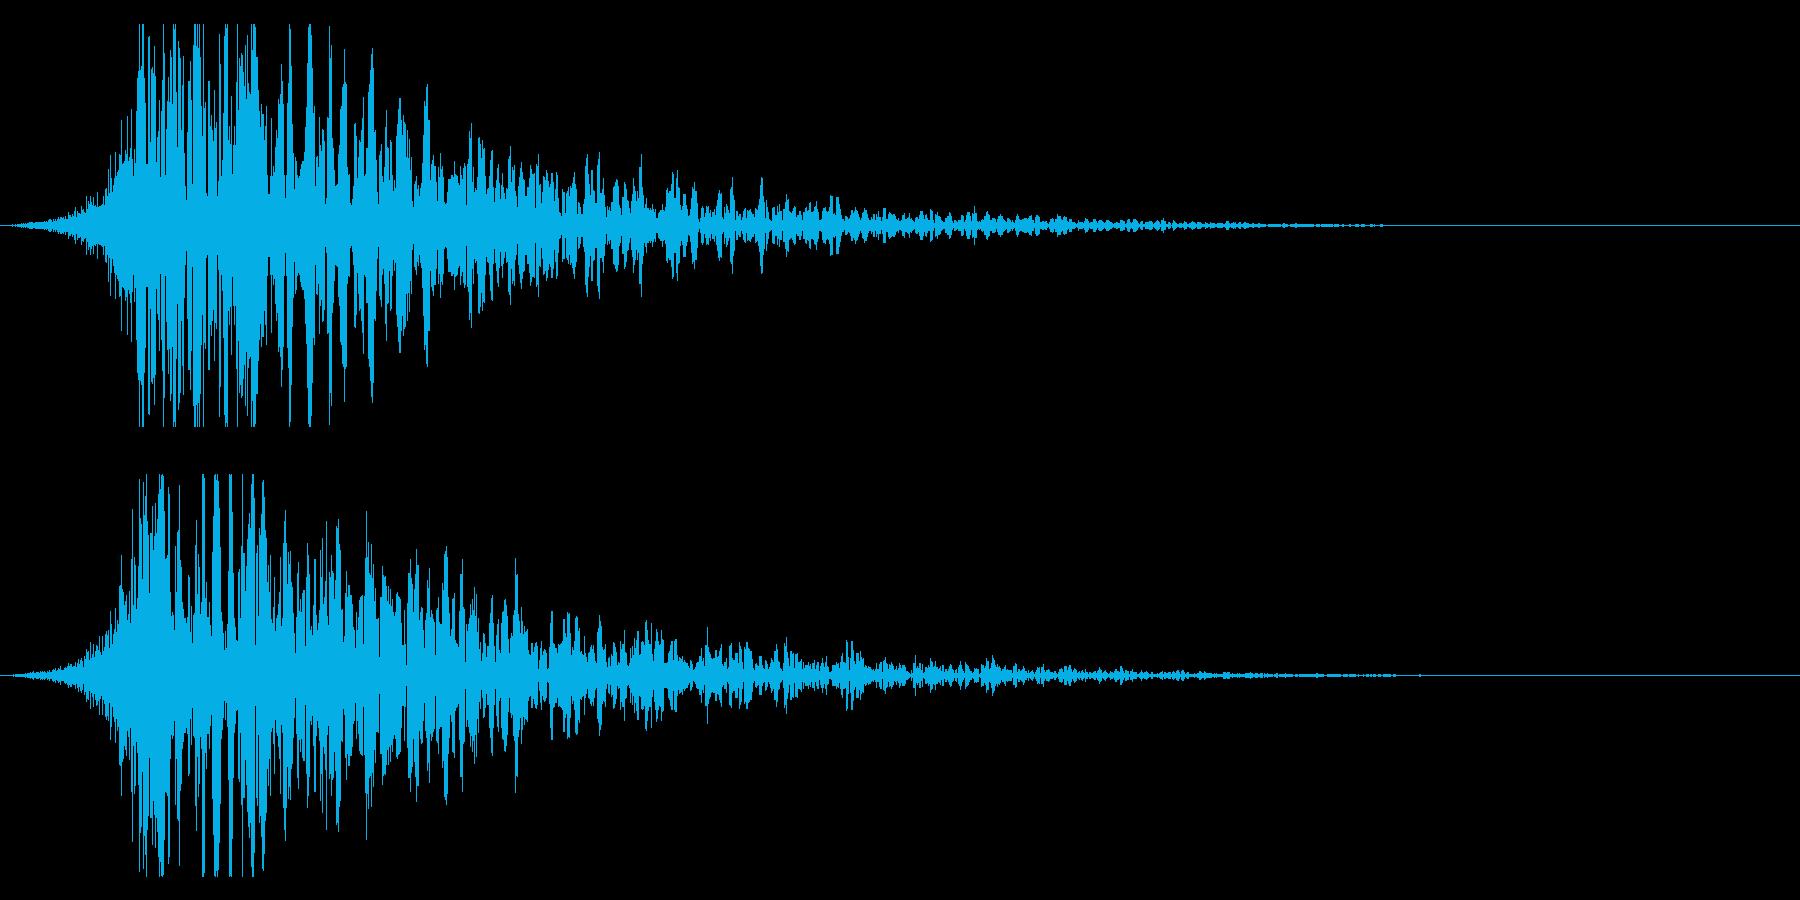 シュードーン-21-1(インパクト音)の再生済みの波形